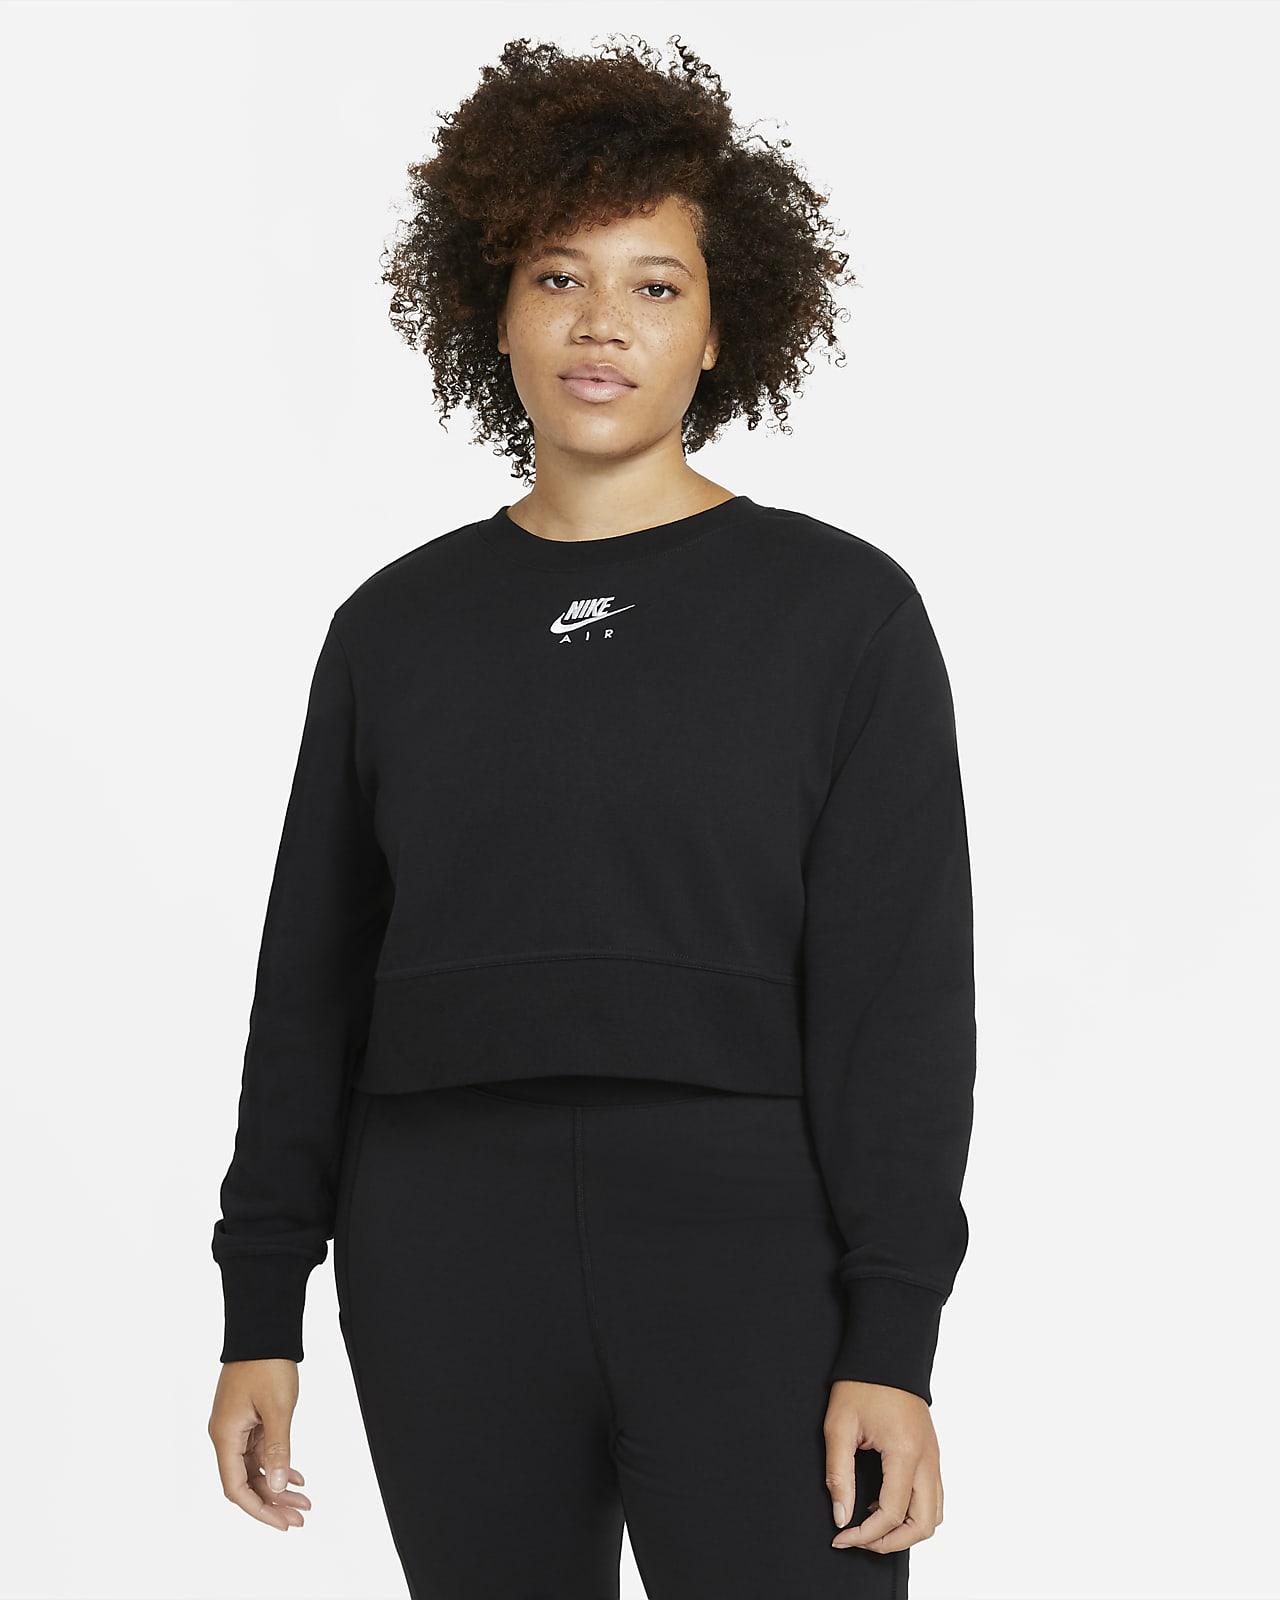 Haut Nike Air pour Femme (grande taille)